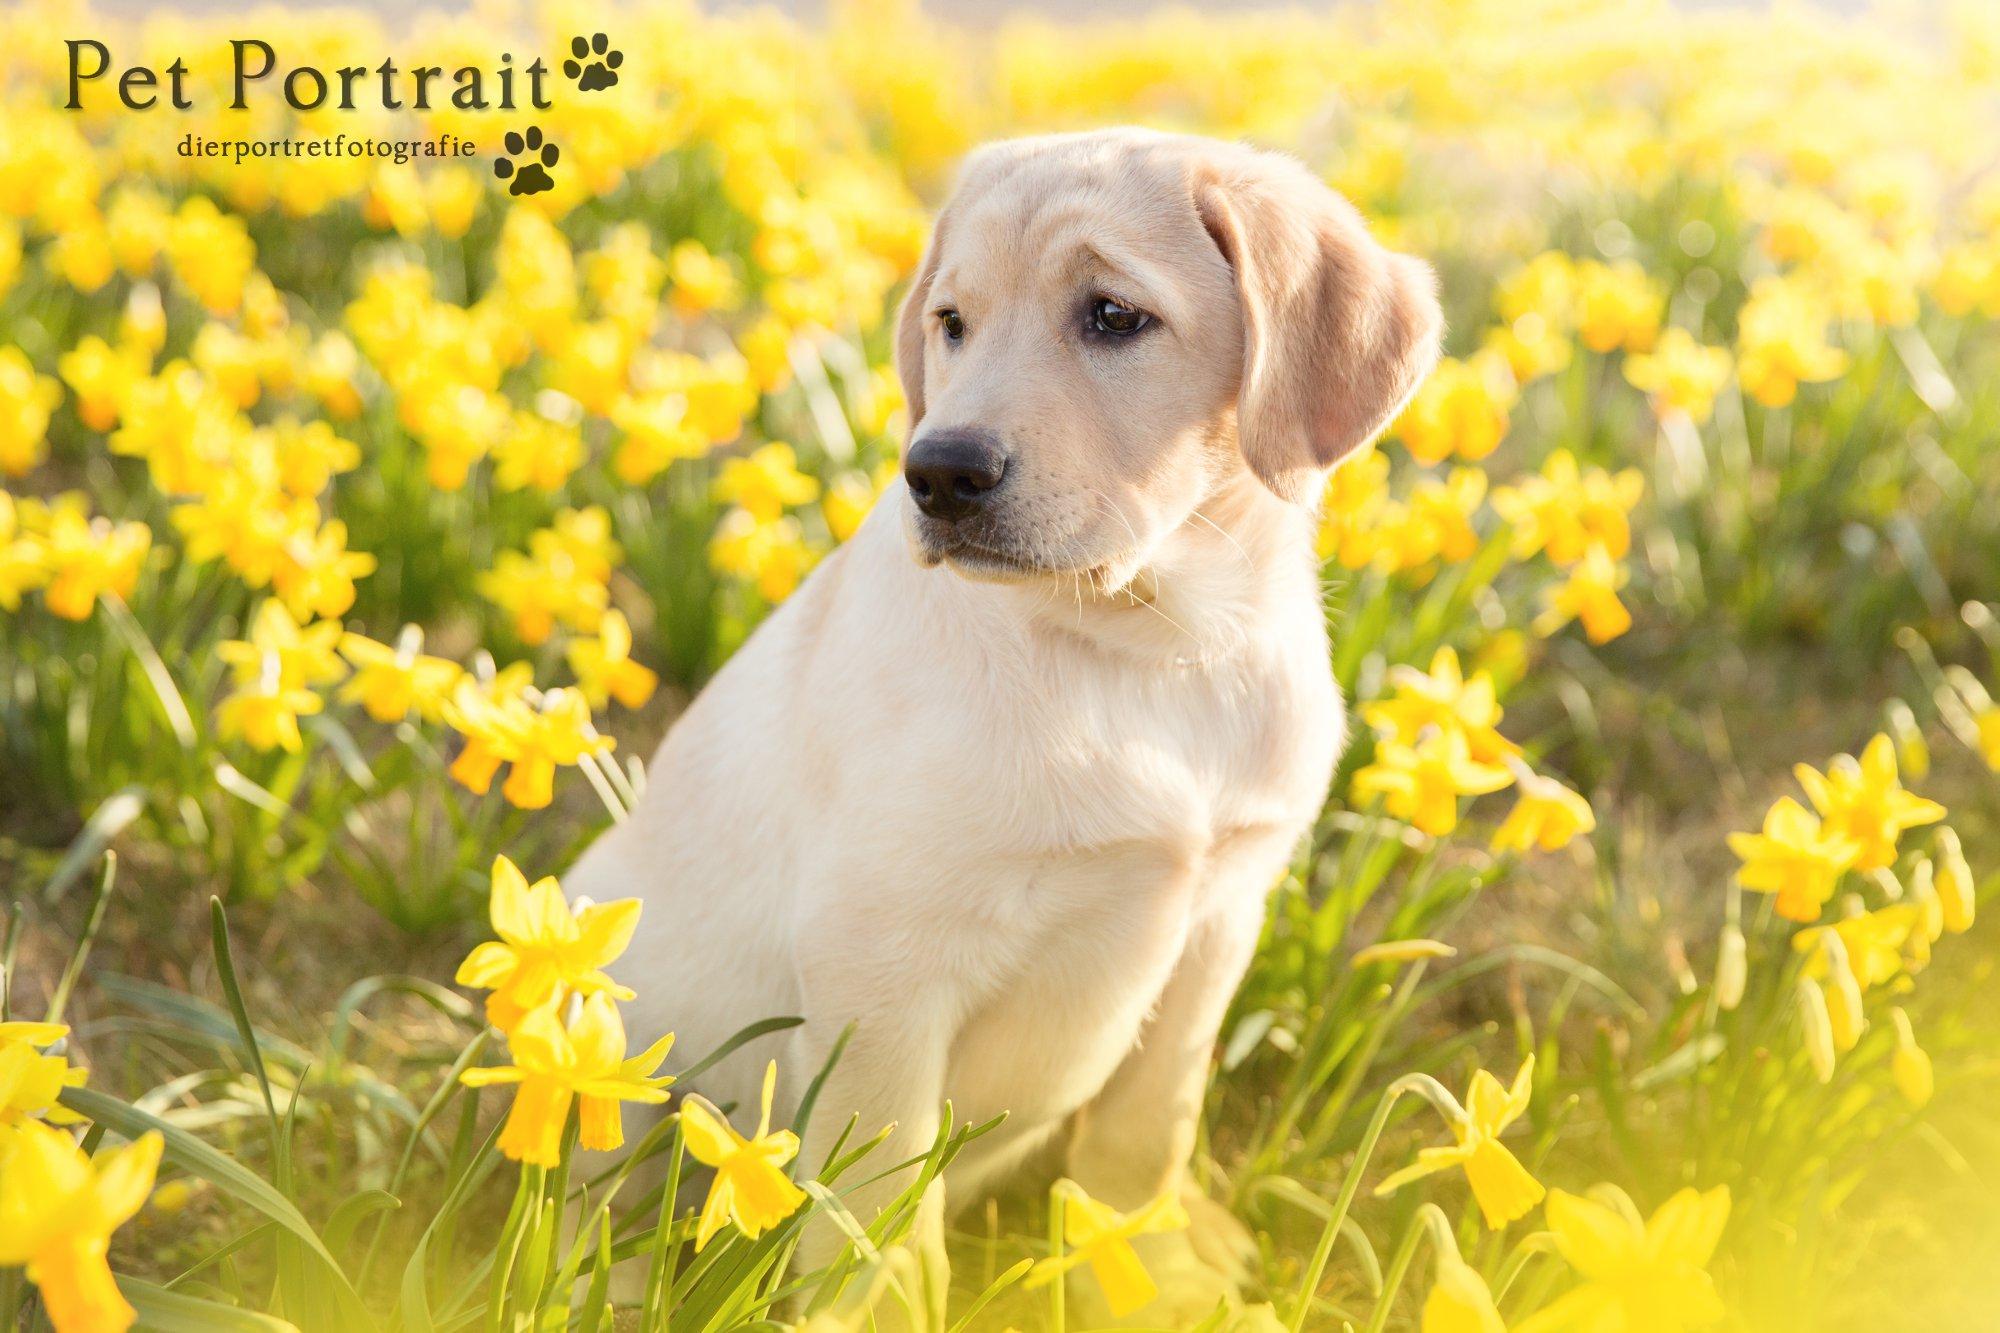 Hondenfotograaf Leiden - Freyja's tweede maand alleen